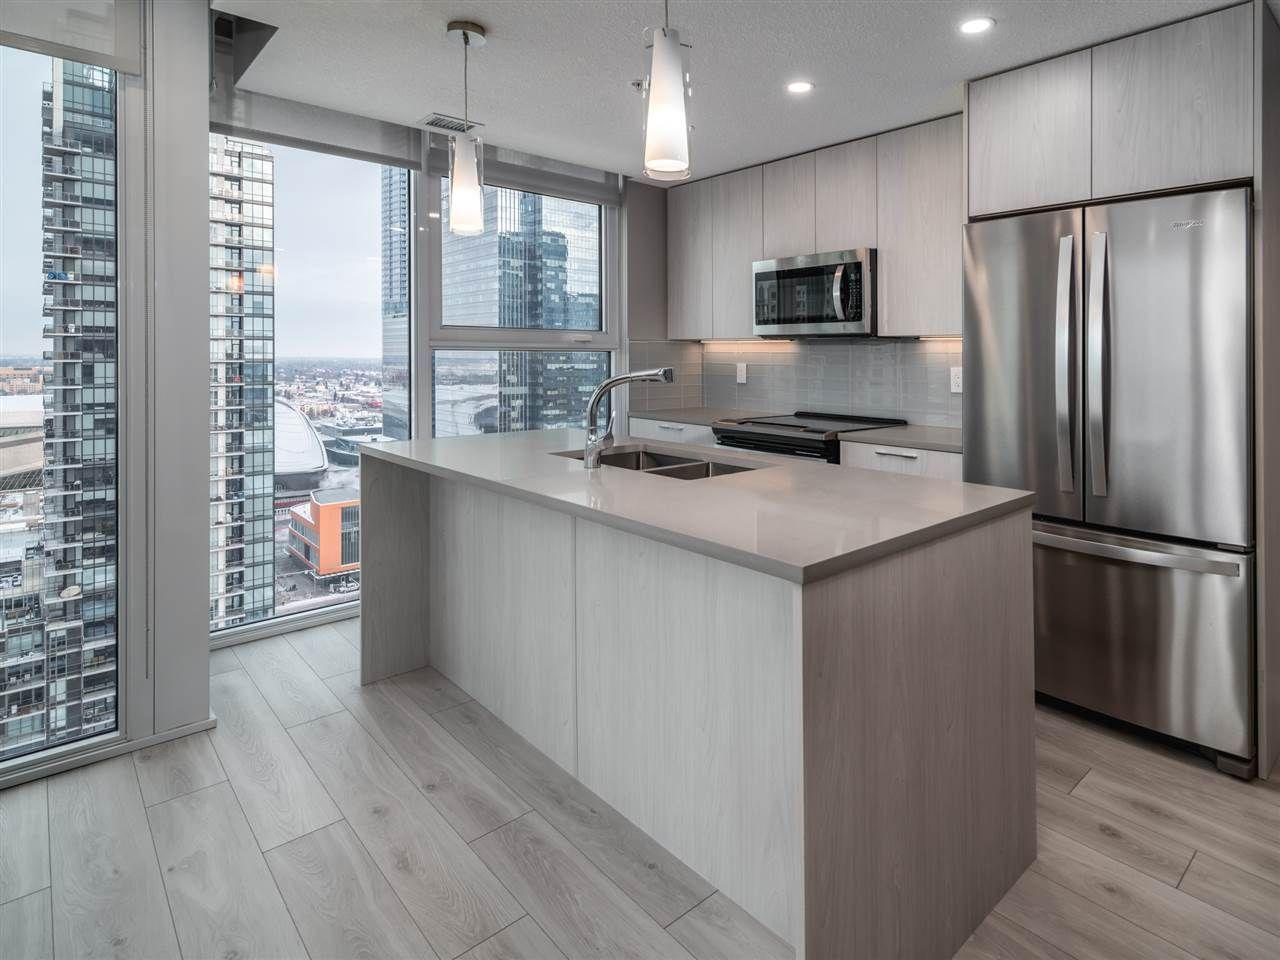 Main Photo: 2102 10180 103 Street in Edmonton: Zone 12 Condo for sale : MLS®# E4234089